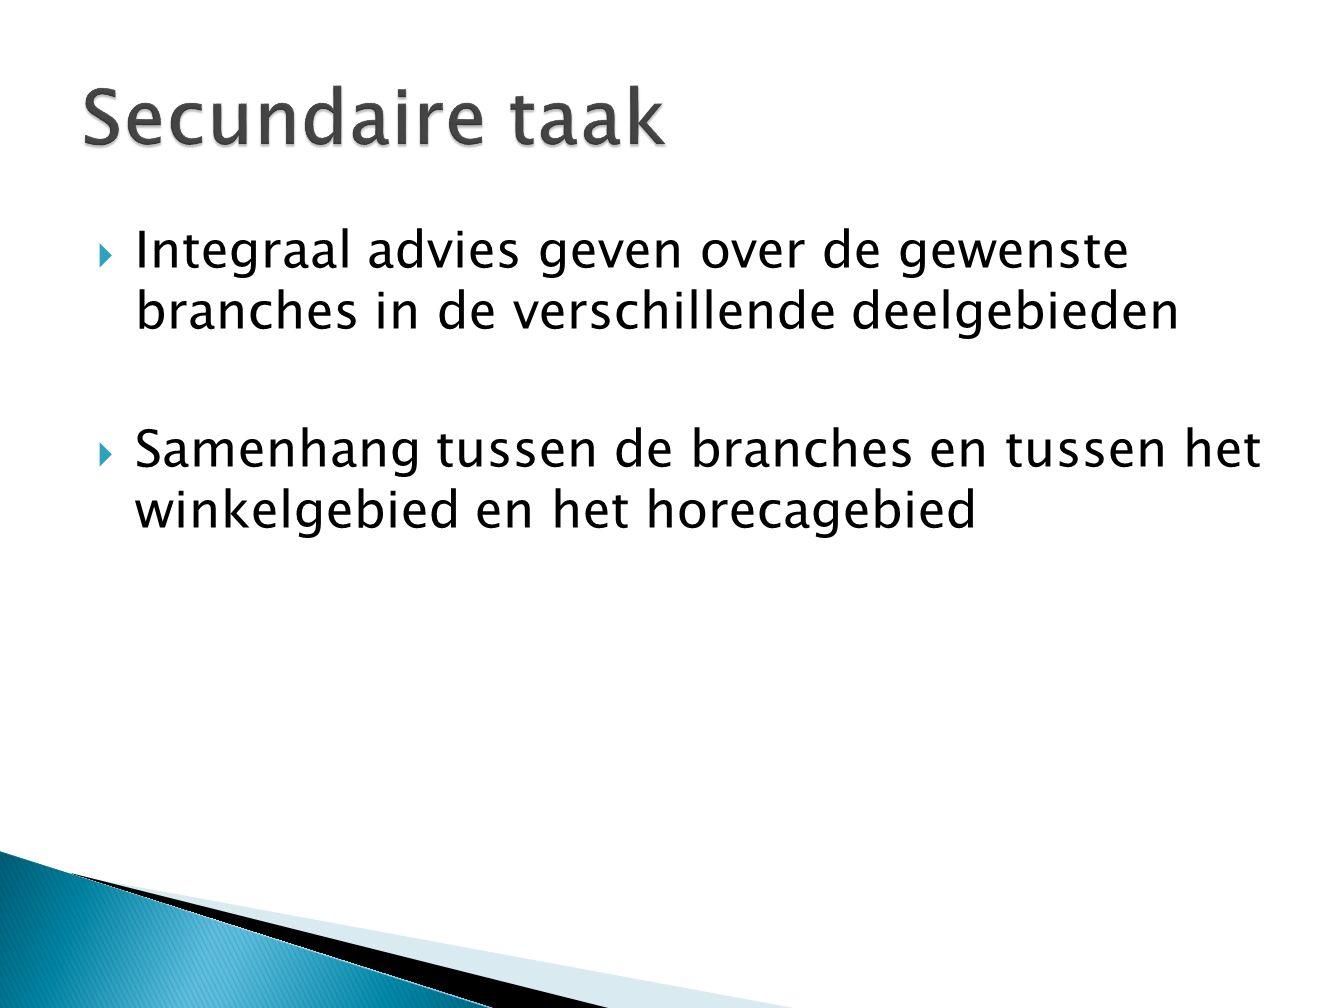  Ambtelijk vertegenwoordiger gemeente, tevens voorzitter (Bart Mennens)  Vertegenwoordiger van Hurks Vastgoed Zuid BV (Cees Geerts)  Vertegenwoordiger van het Hoofdbedrijfschap Detailhandel (Erik Reubsaet)  Vertegenwoordiger namens het VOC  Secretariaat door een vertegenwoordiger van Hurks (Henrie Coumans)